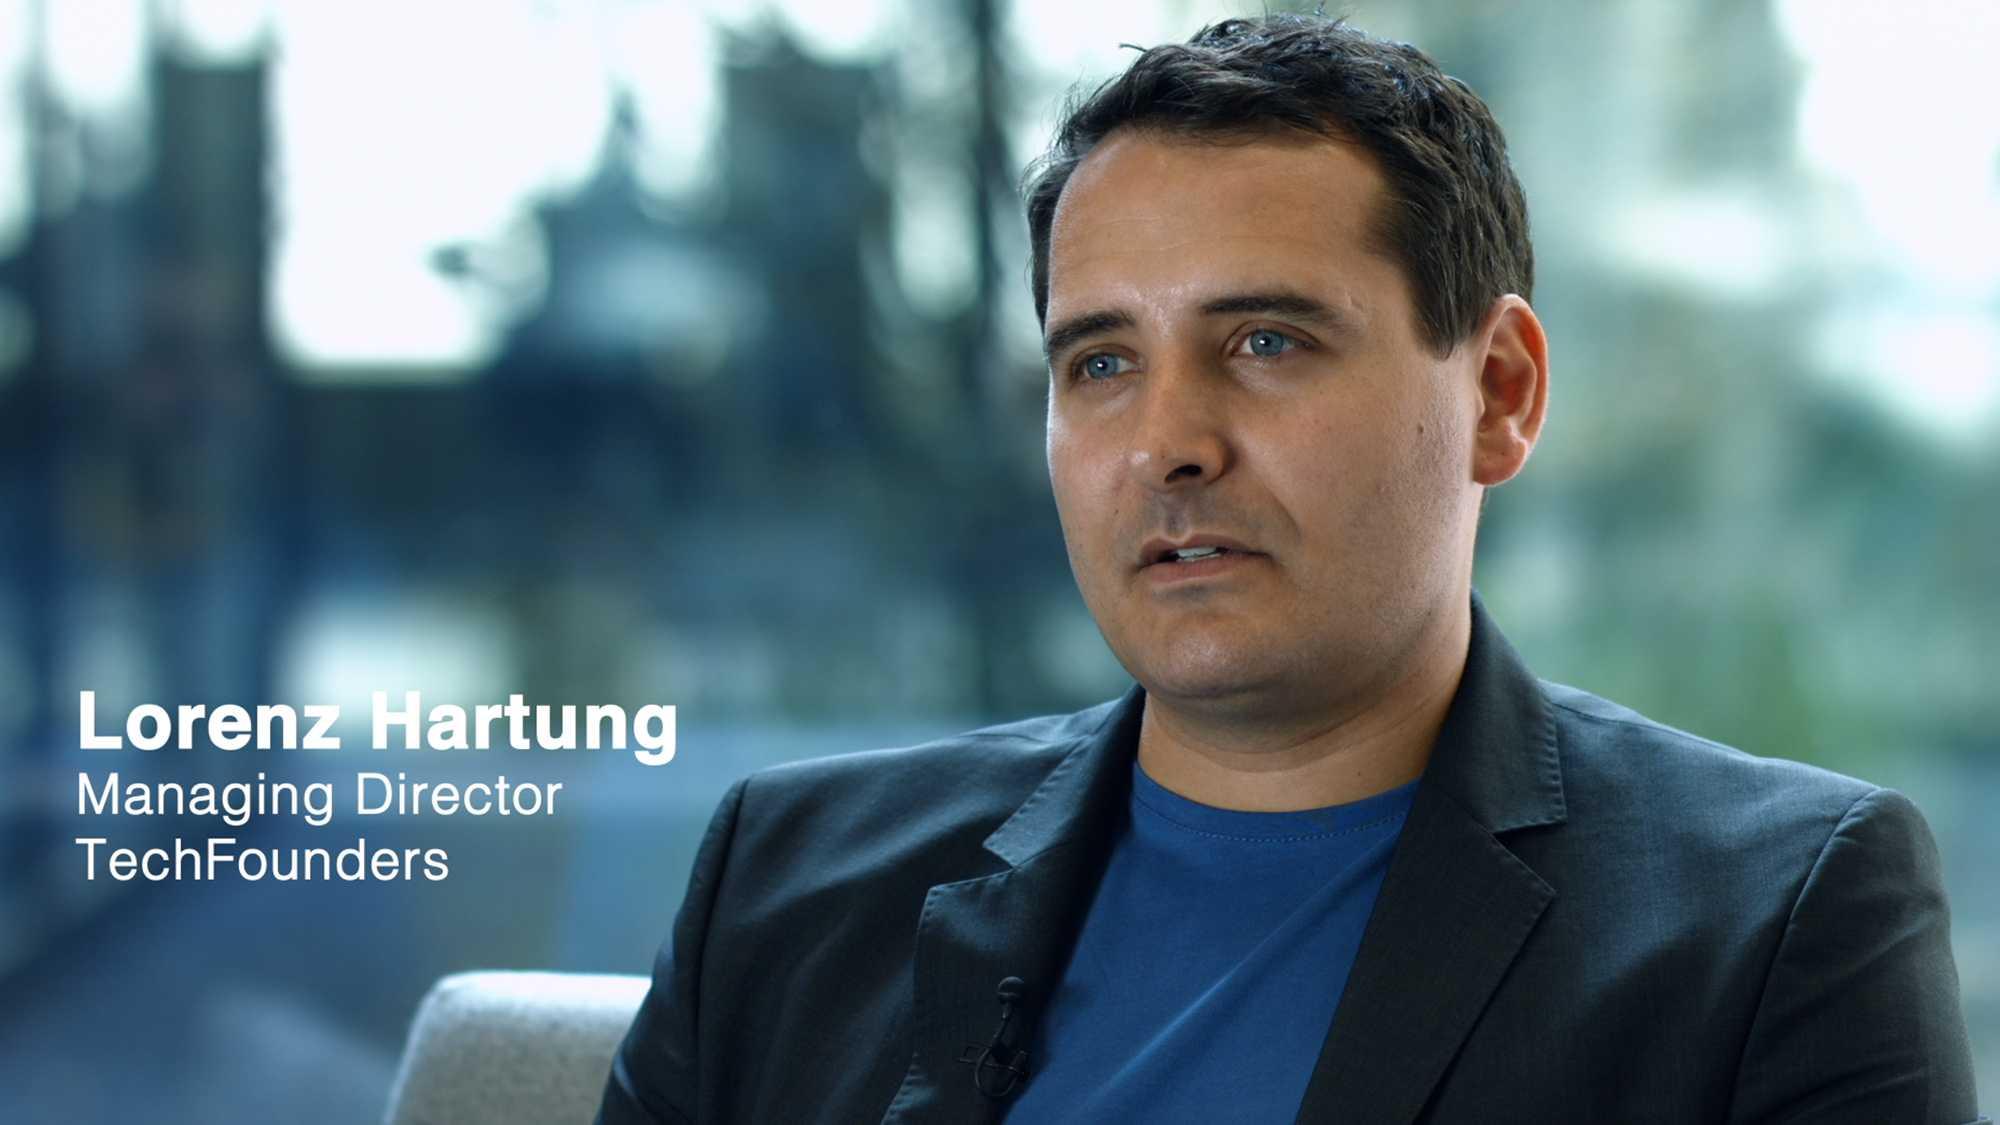 Das Bild zeigt einen Mann, der ein schwarzes Sakko trägt. Darunter trägt er ein blaues T-Shirt. Neben ihm ist sein Name und seine Position ins Bild getracked worden, er heißt Lorenz Hartung und ist Managing Director of TechFounders. Das Bild dient als Sliderbild für den Portfolioeintrag UnternehmerTUM – Techfounders von Panda Pictures.